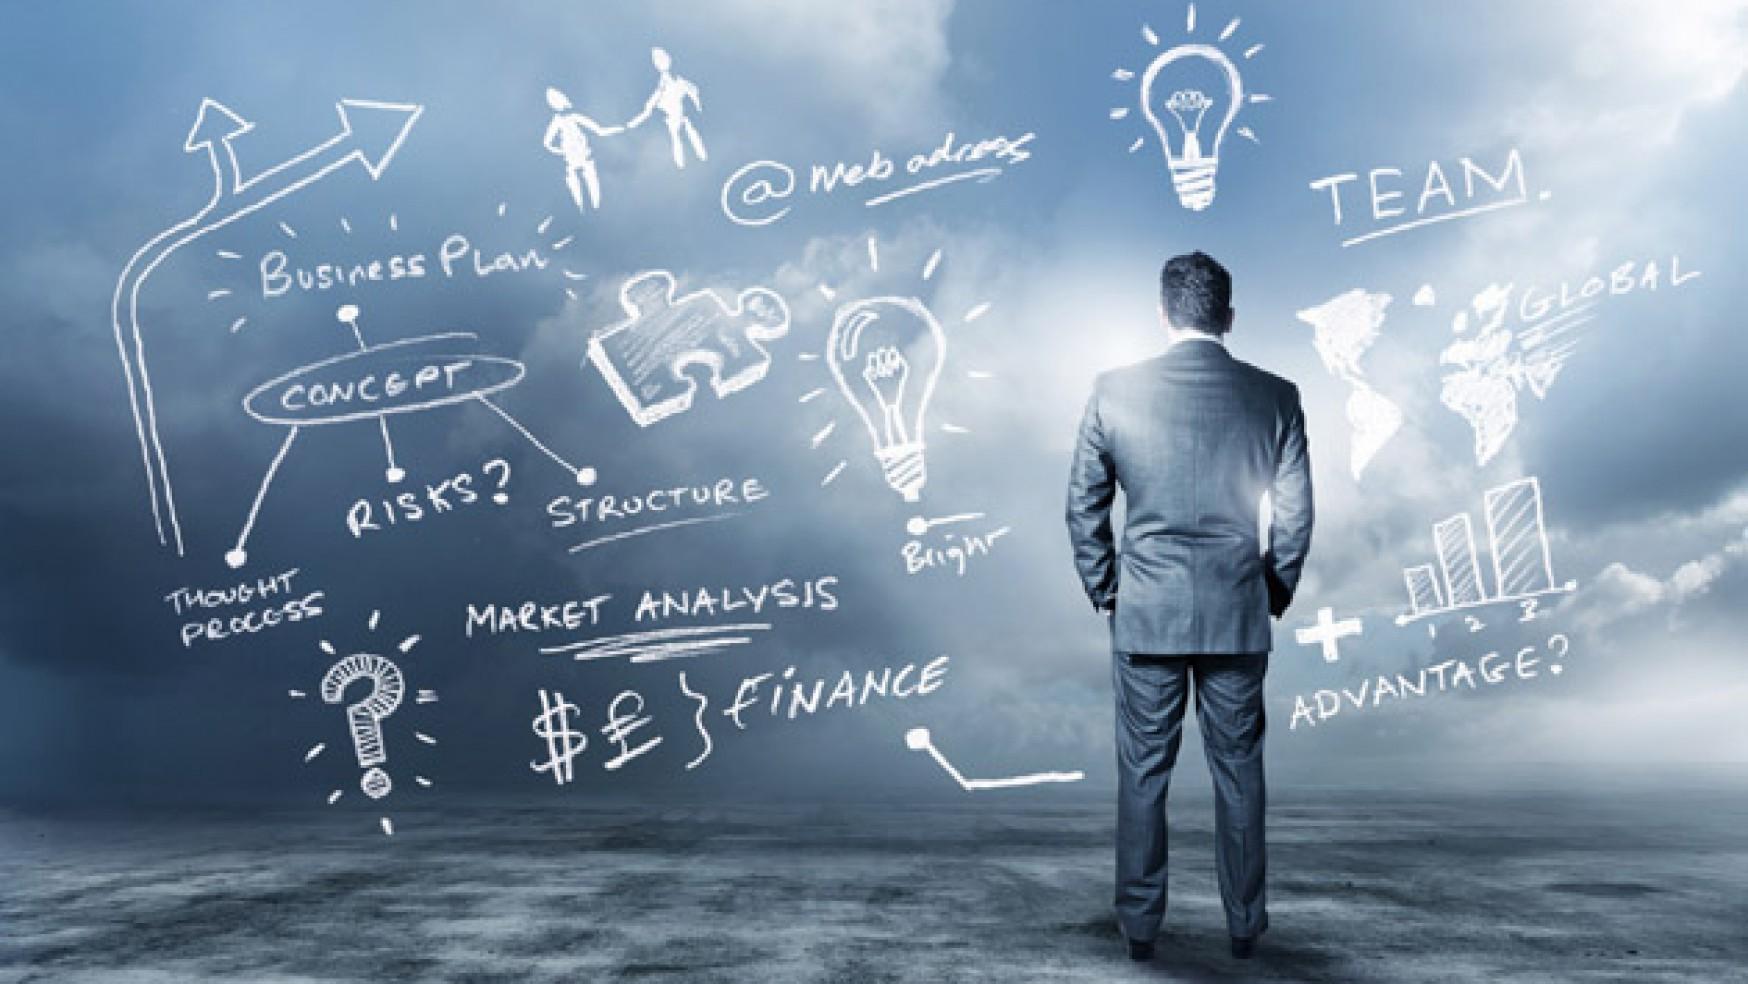 Création d'entreprise : Ces conseils qui ont déjà fait leurs preuves